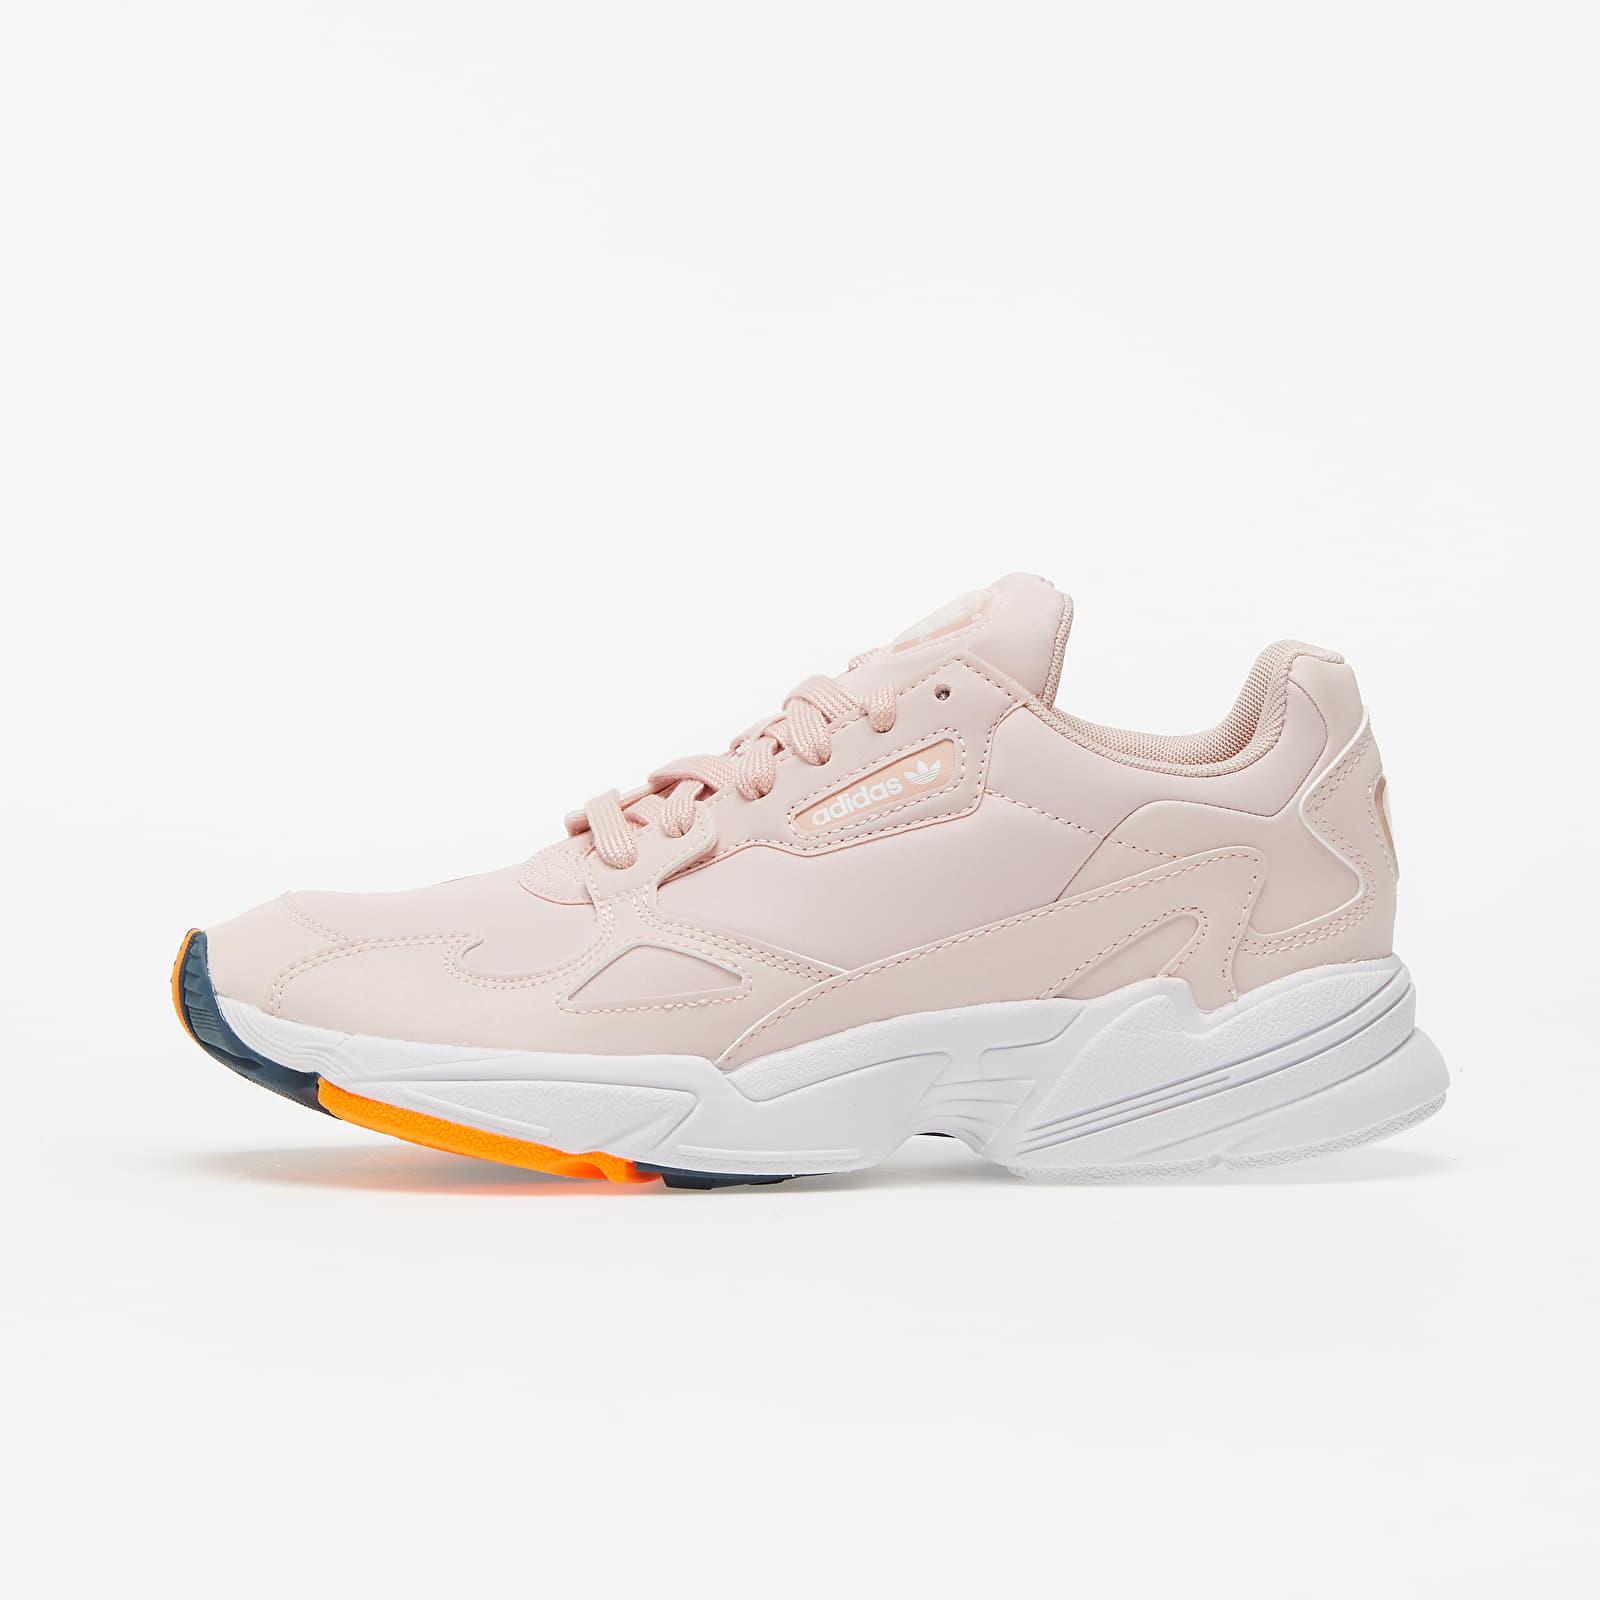 Női cipők adidas Falcon W Vapour Pink/ Signature Orange/ Legend Blue